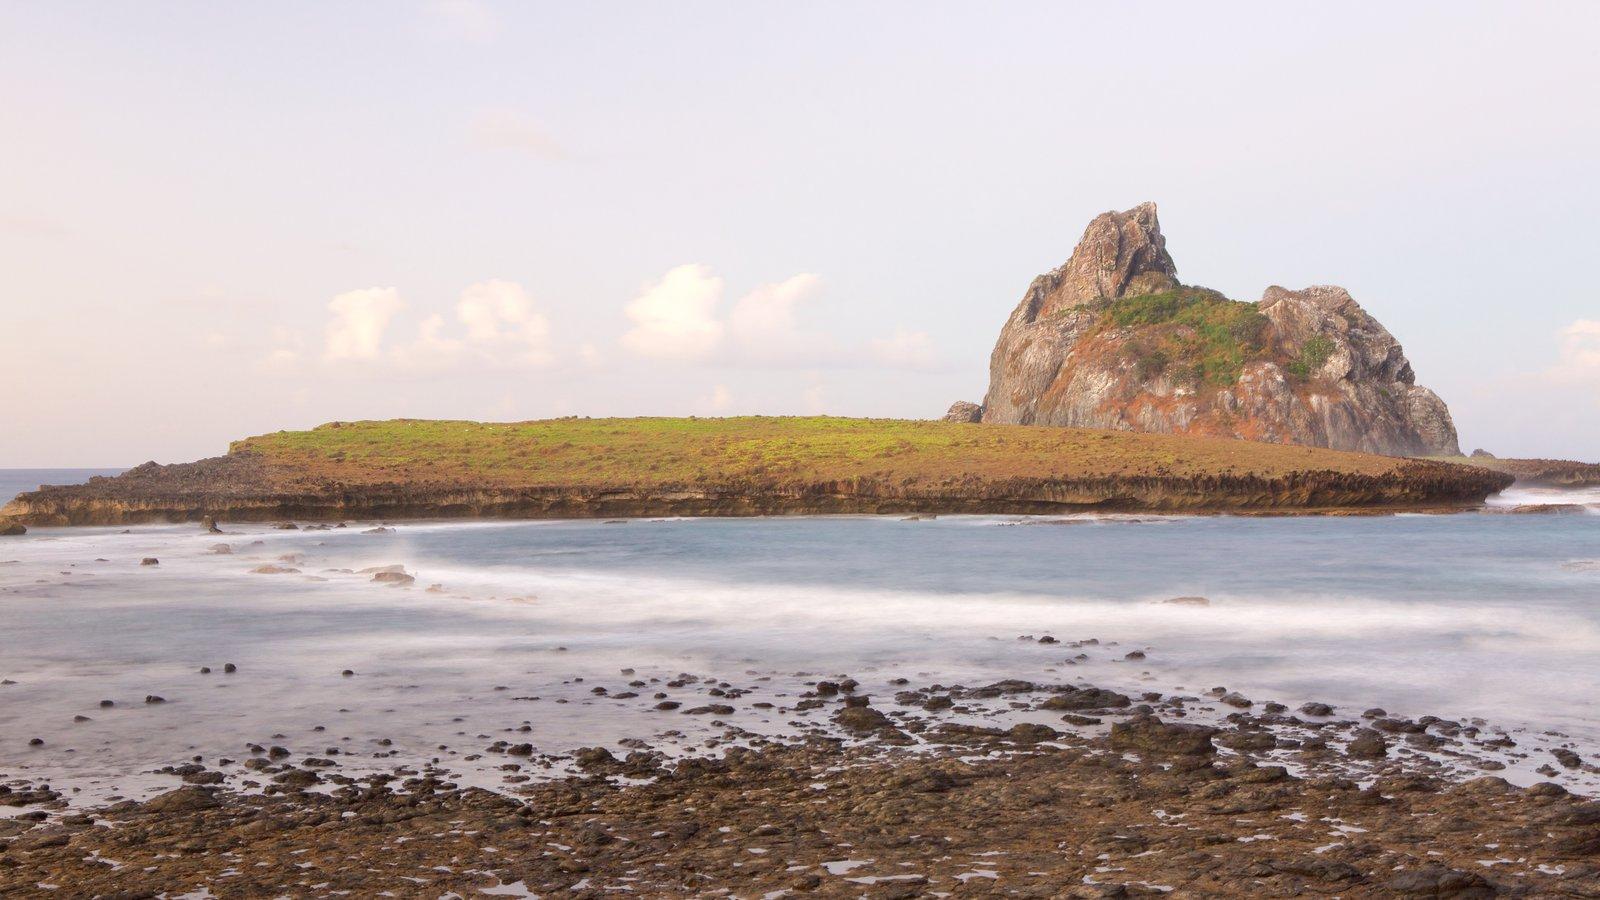 Porto Santo Antônio caracterizando paisagens litorâneas e uma praia de pedras